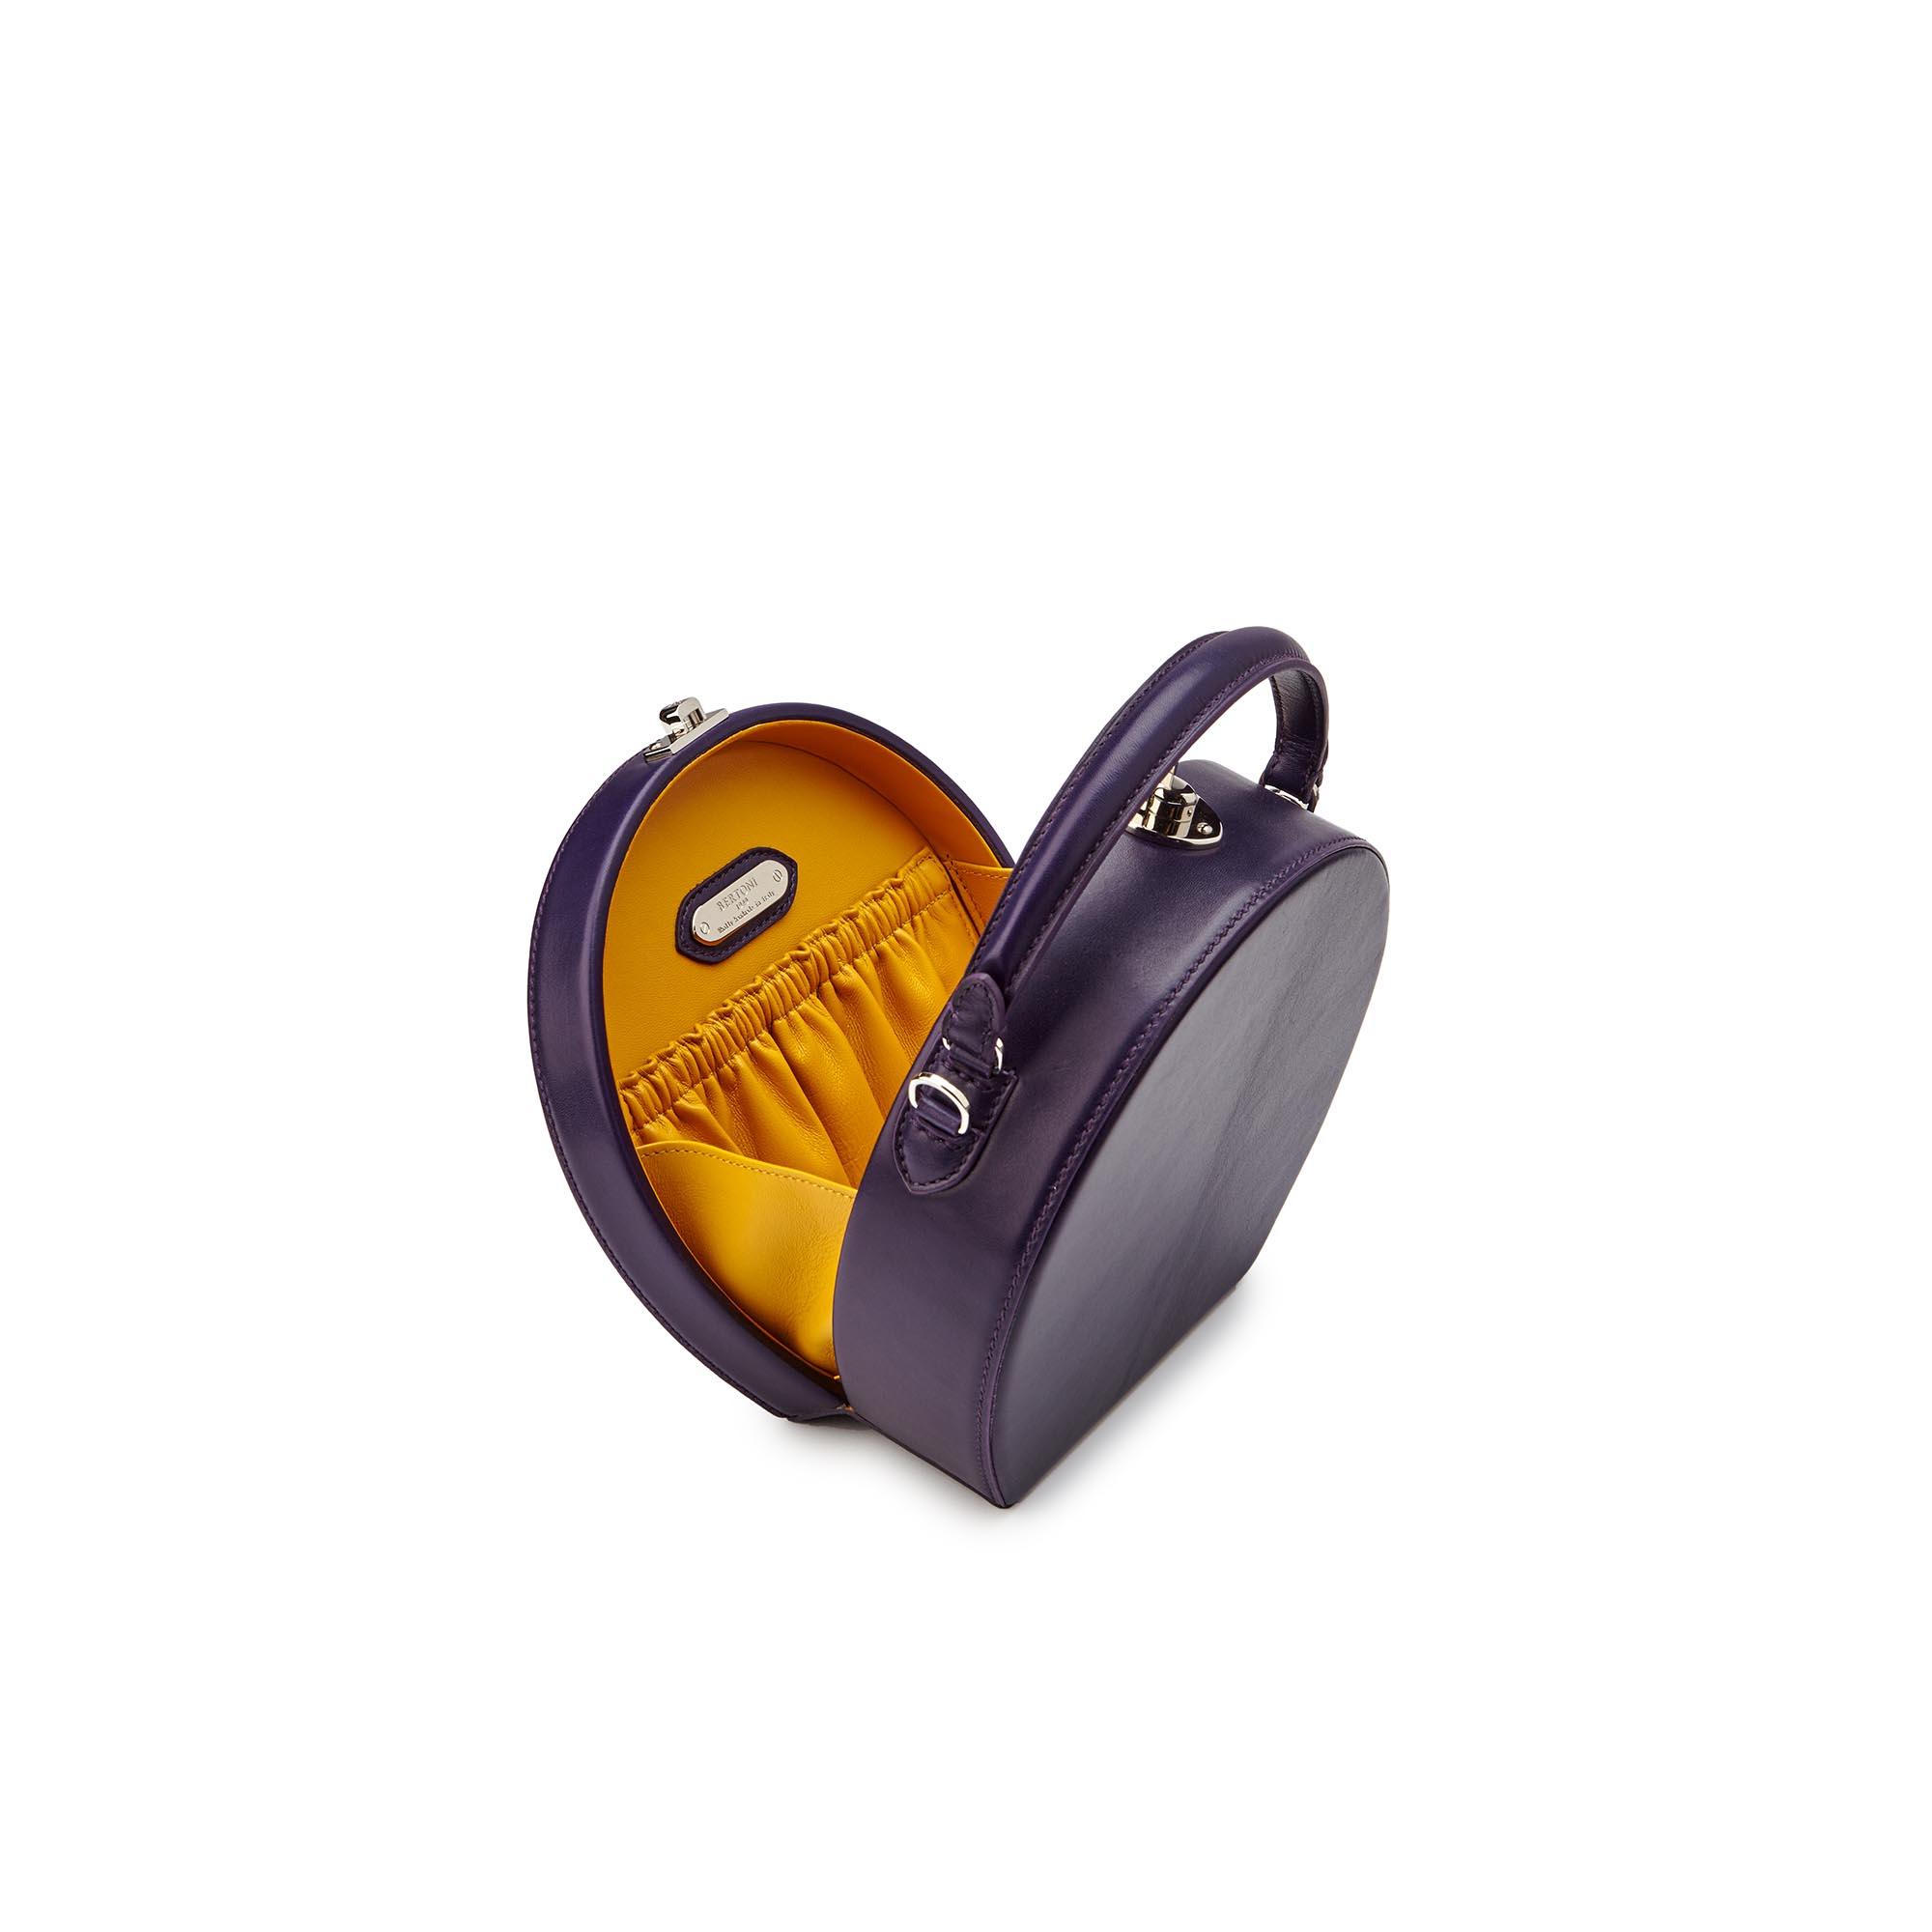 Regular-Bertoncina-purple-french-calf-bag-Beroni-1949_03